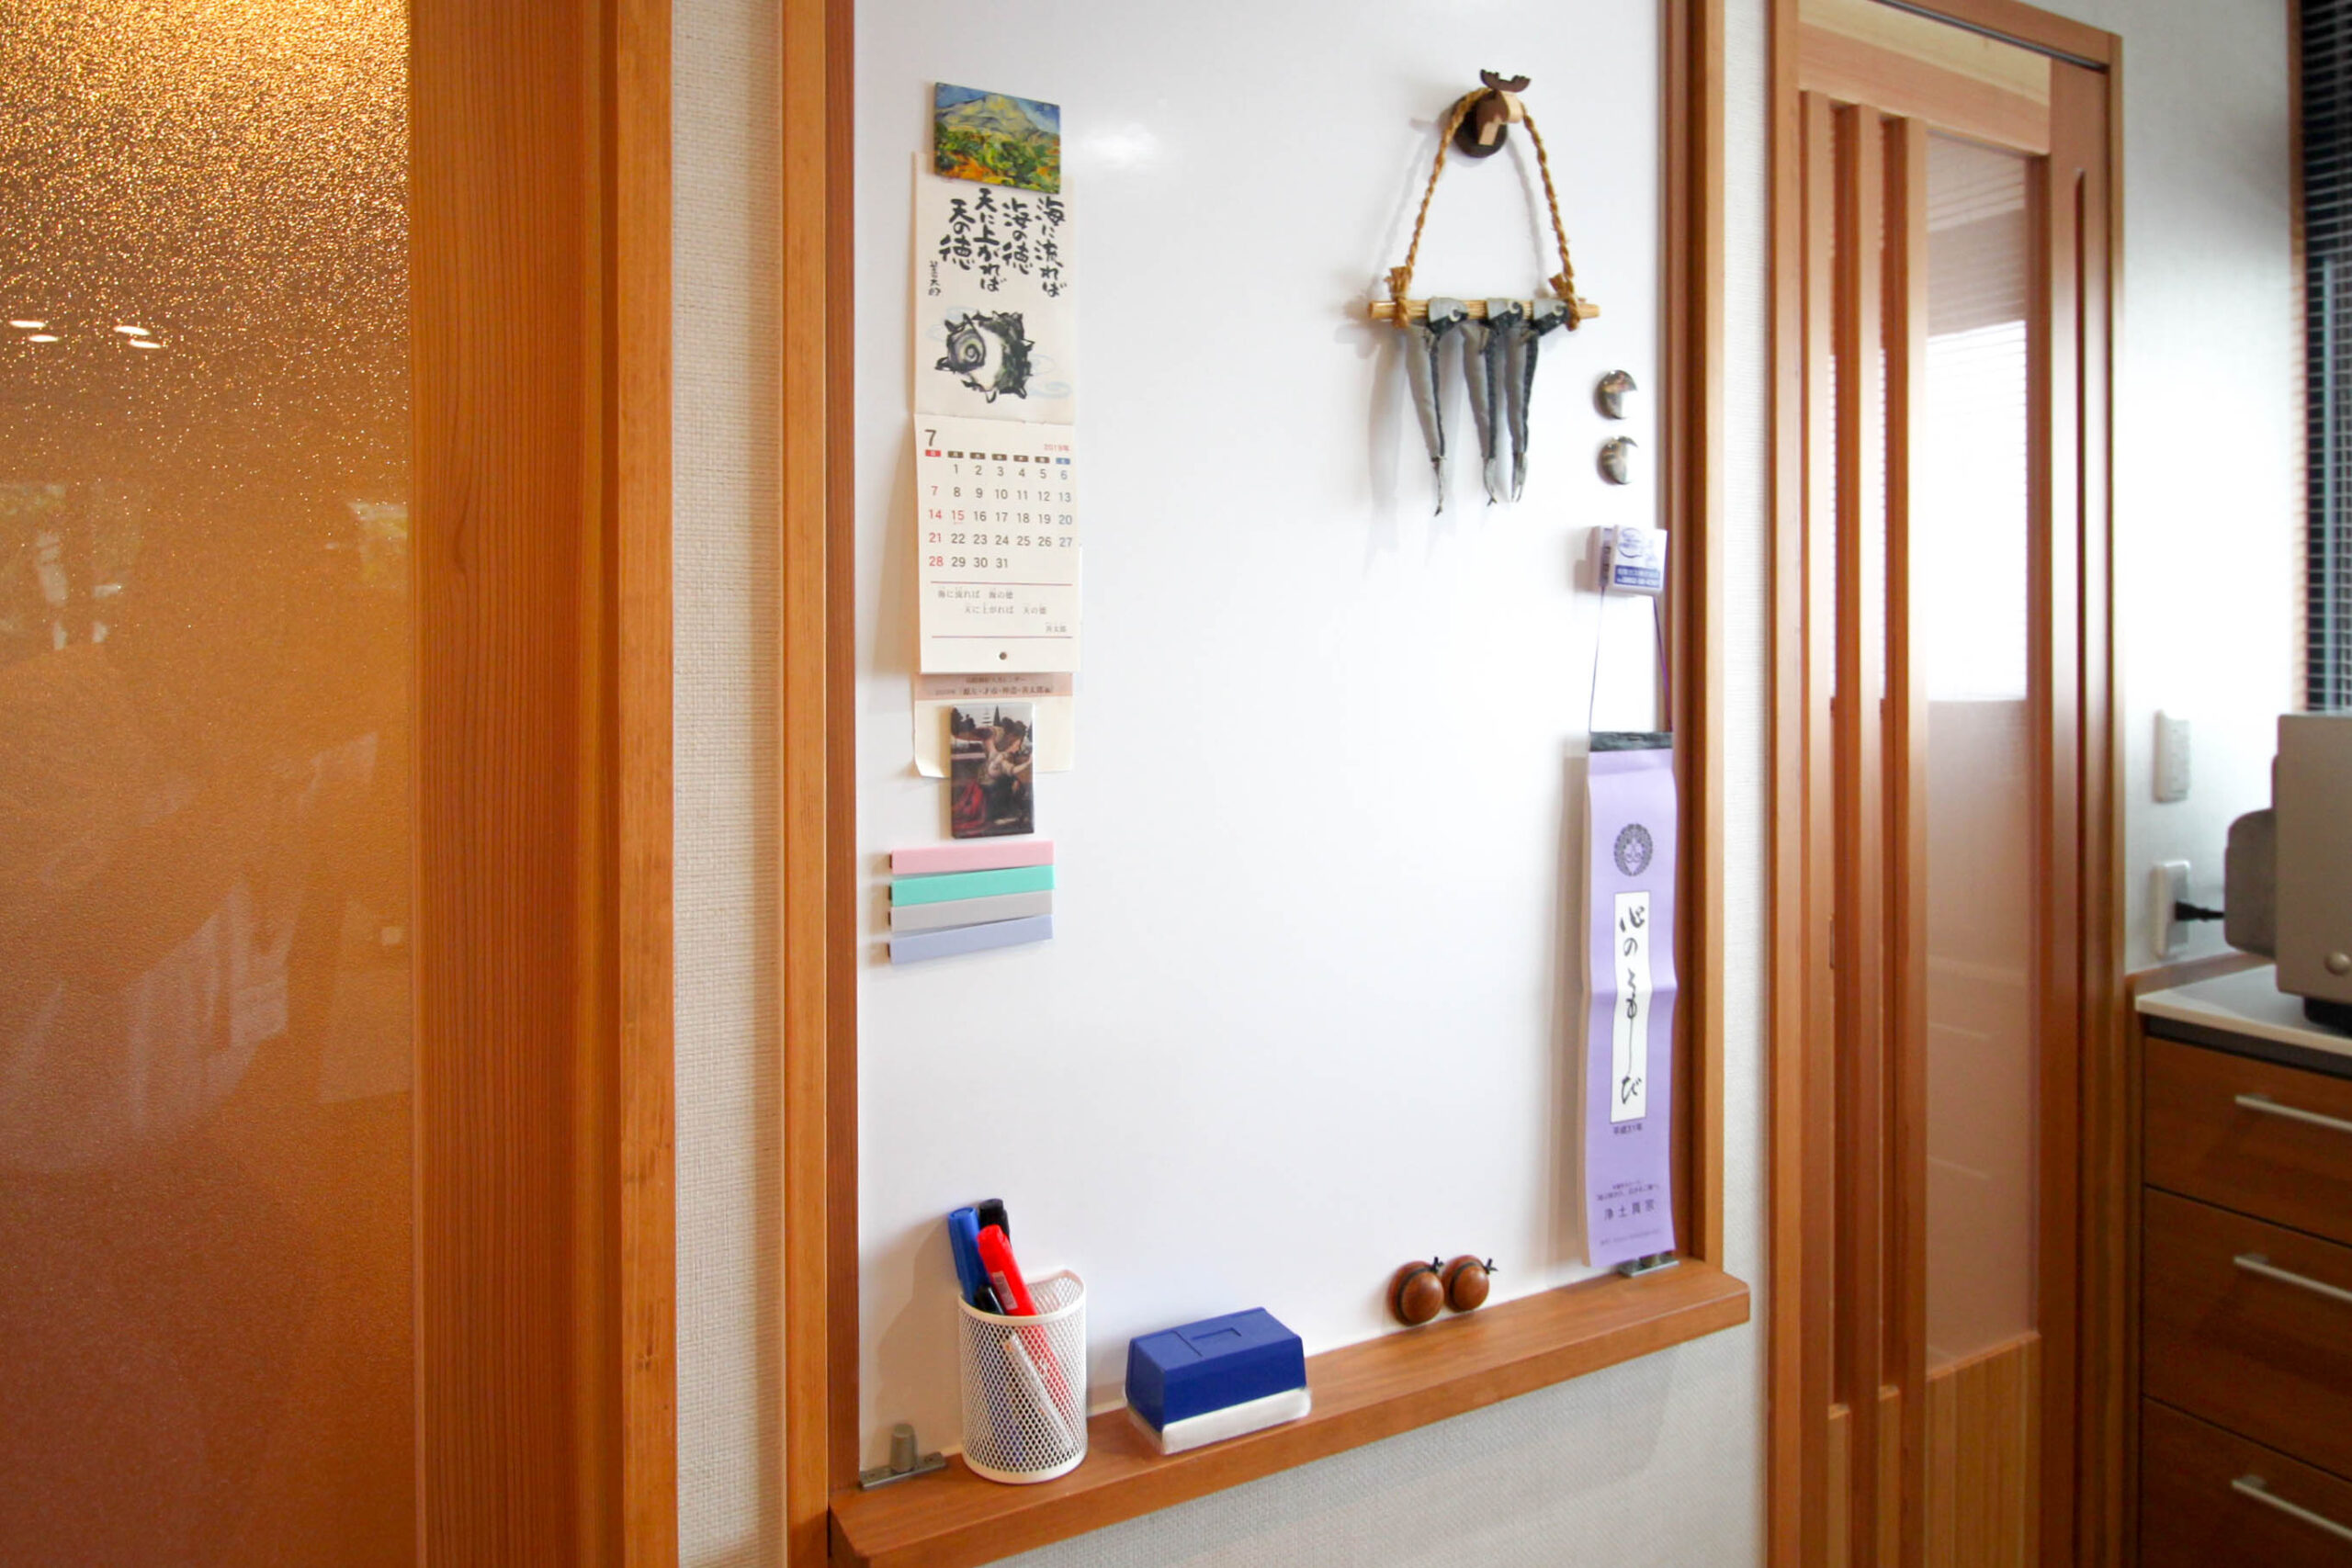 佐賀市城内 H様 住宅改修工事 『何処に居ても家族・人の気配を感じて。』